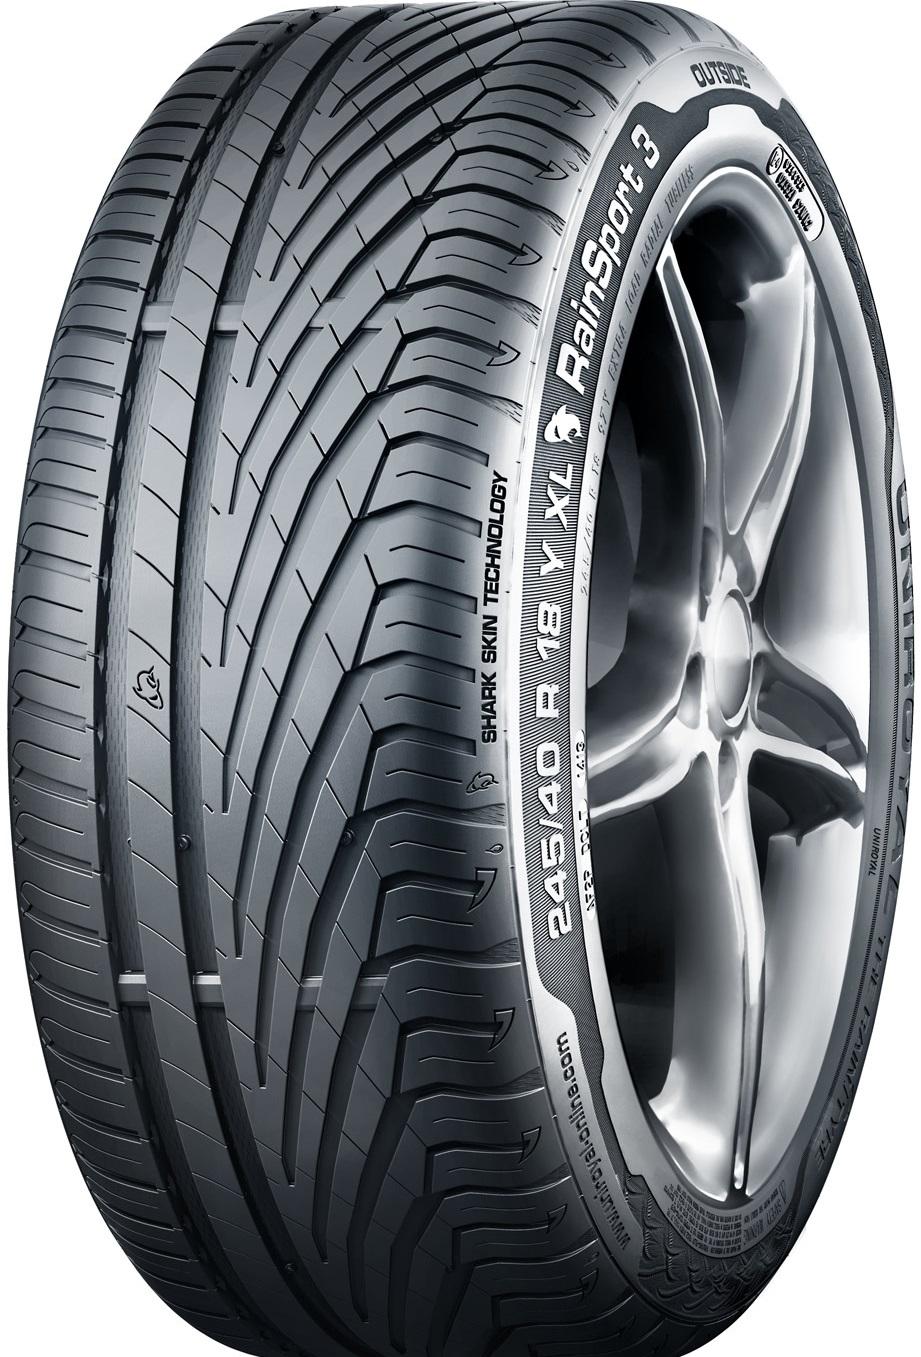 Uniroyal Rain Sport 3 205/50 R17 93Y XL FR